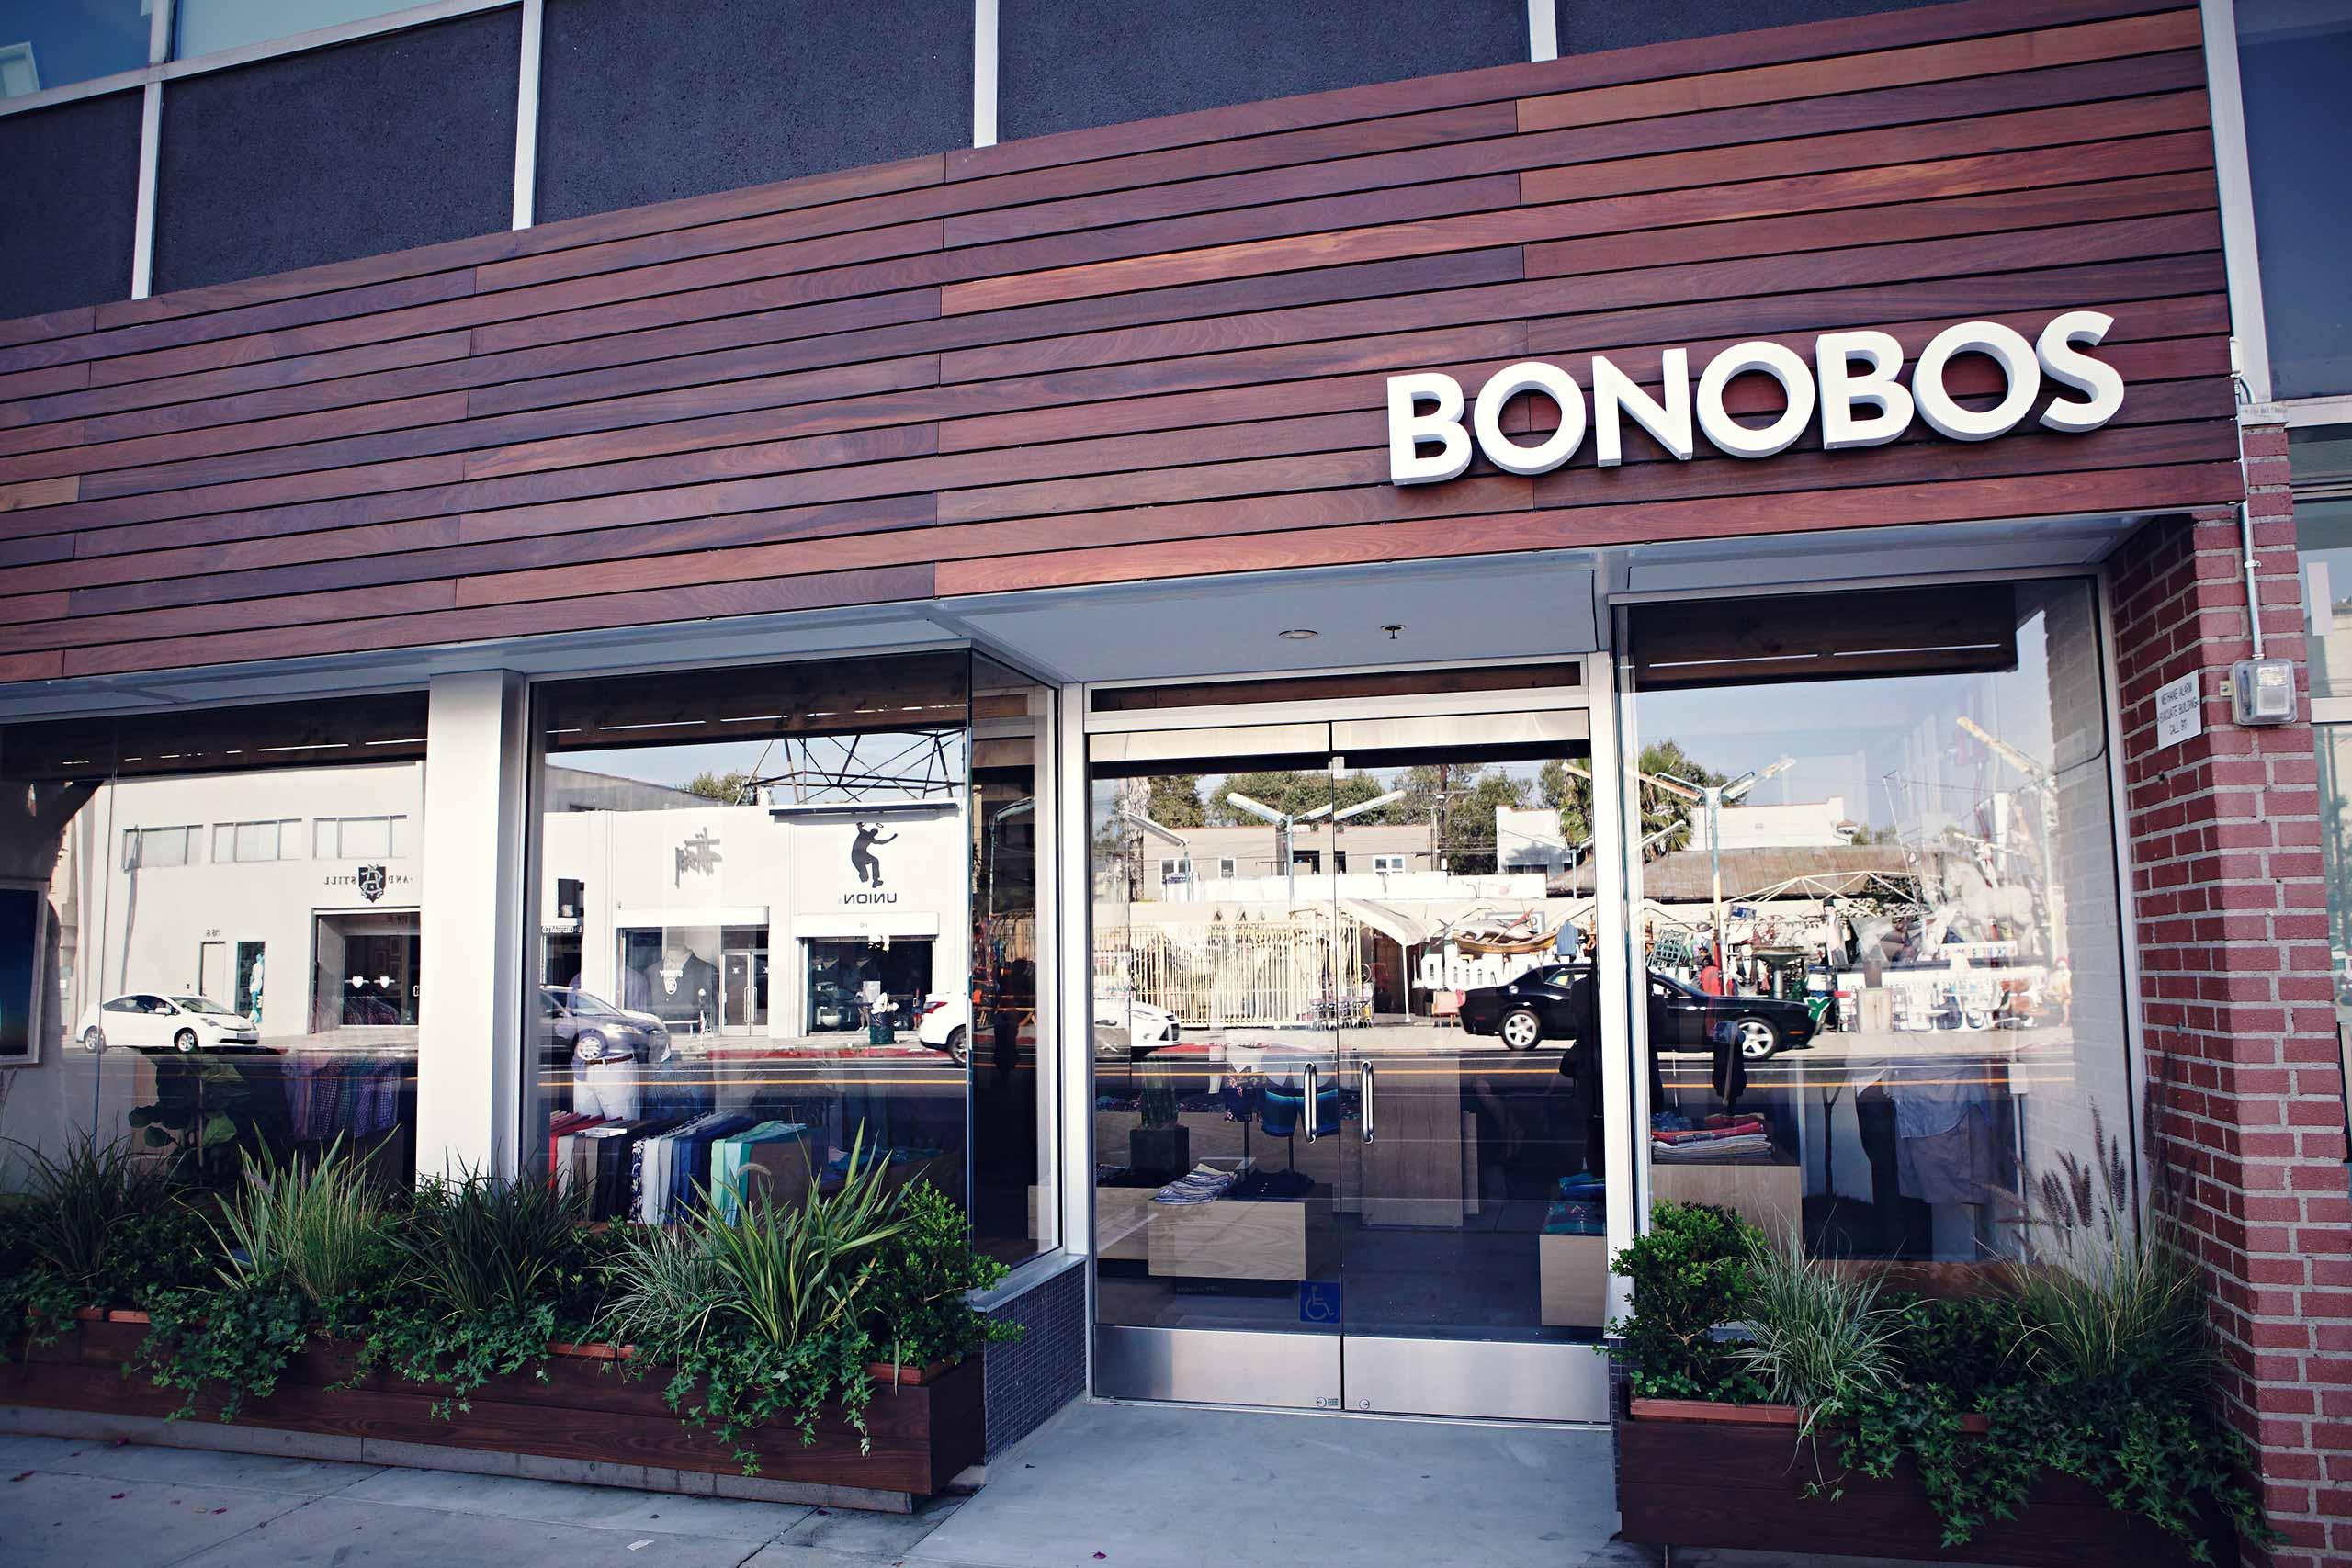 Bonobos store exterior